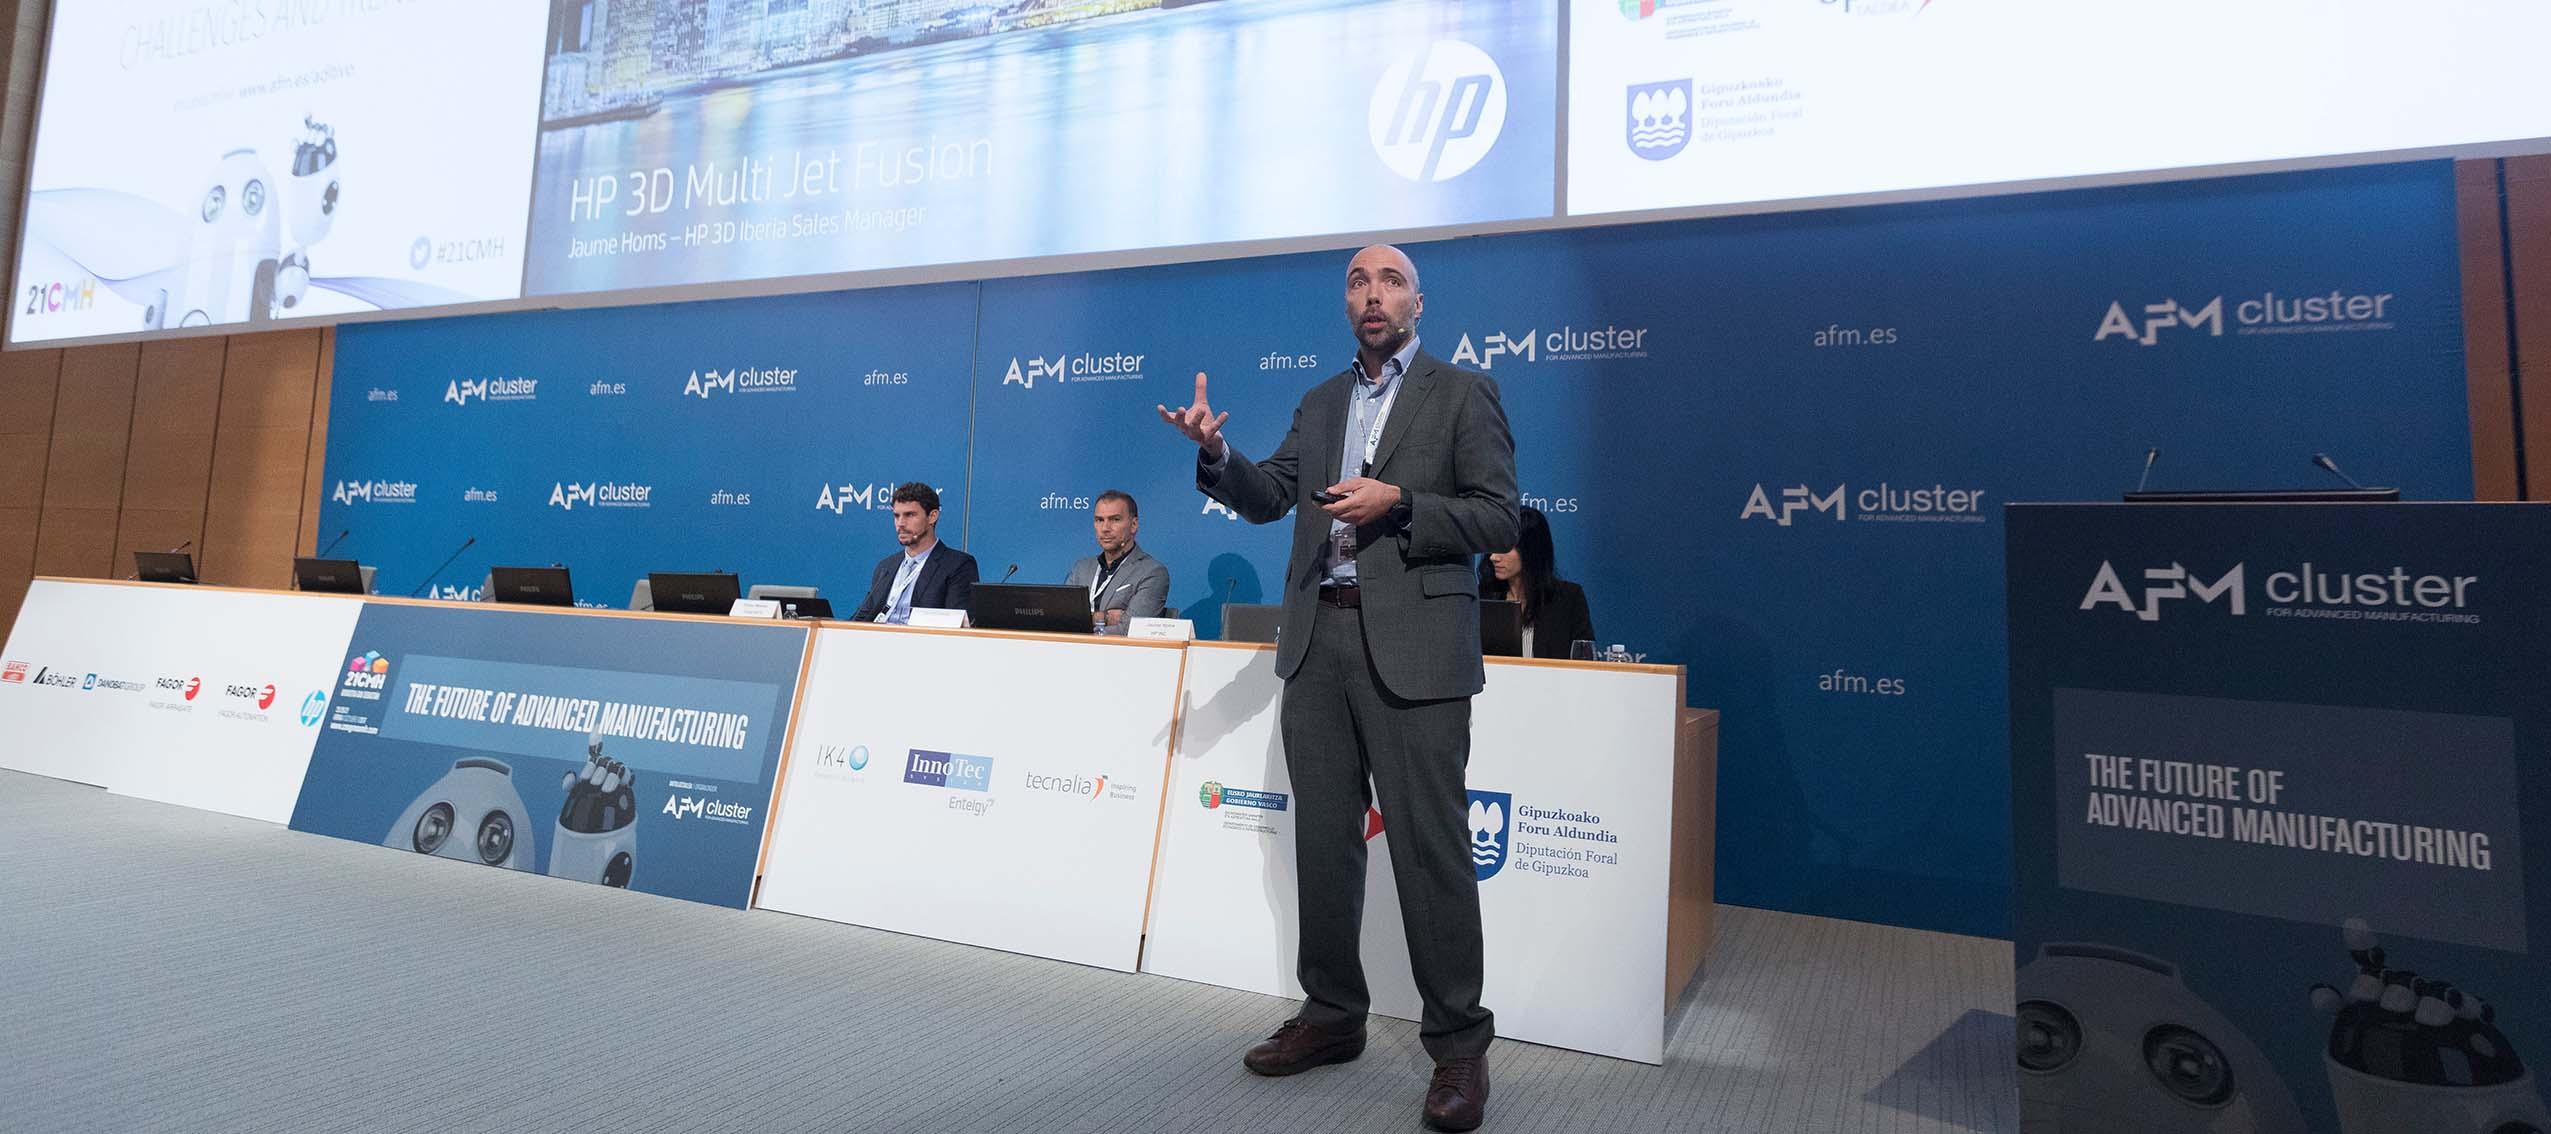 Terry Wohlers fue el encargado de la apertura de la sesión de Fabricación Aditiva del 21 Congreso de Fabricación Avanzada